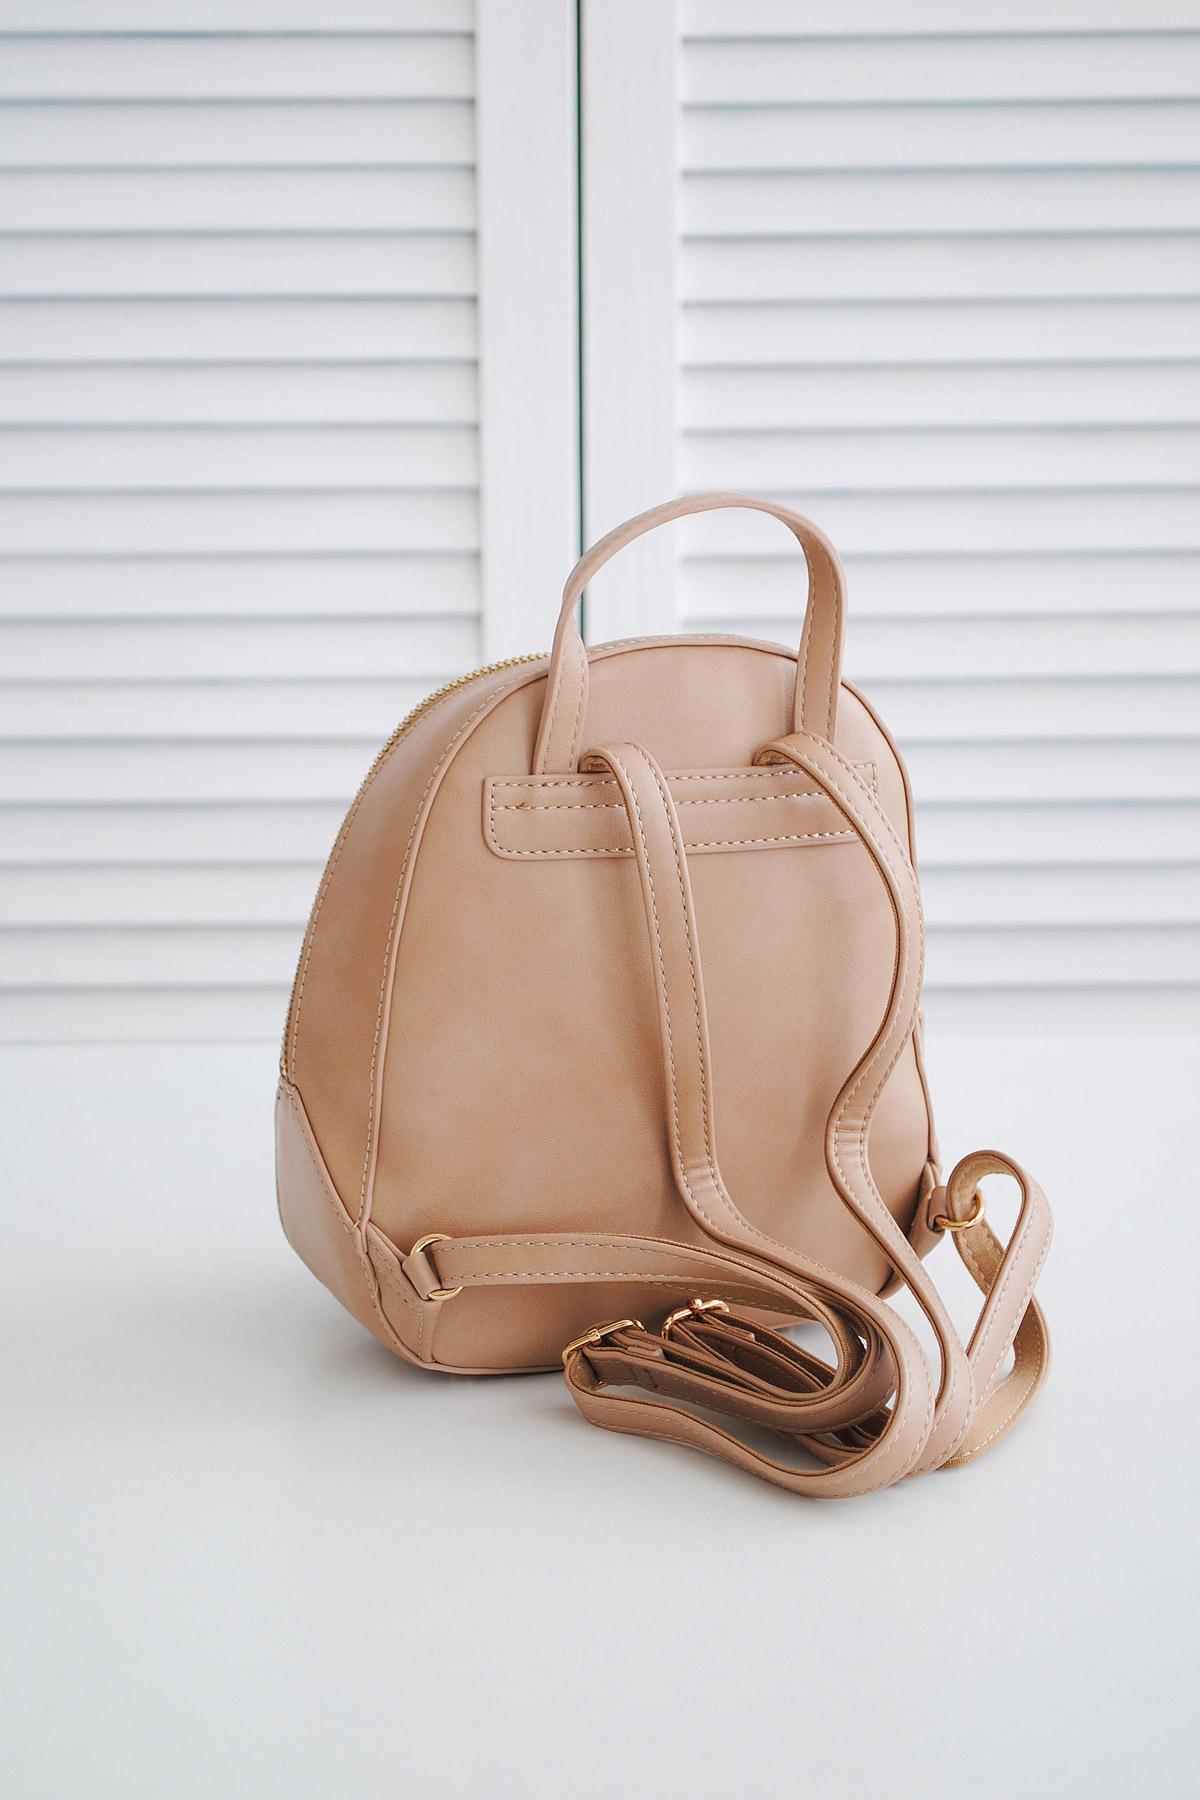 28da95e16ec1 женский мини рюкзак белого цвета. Рюкзак 5526-2. Цвет  капучино купить ...